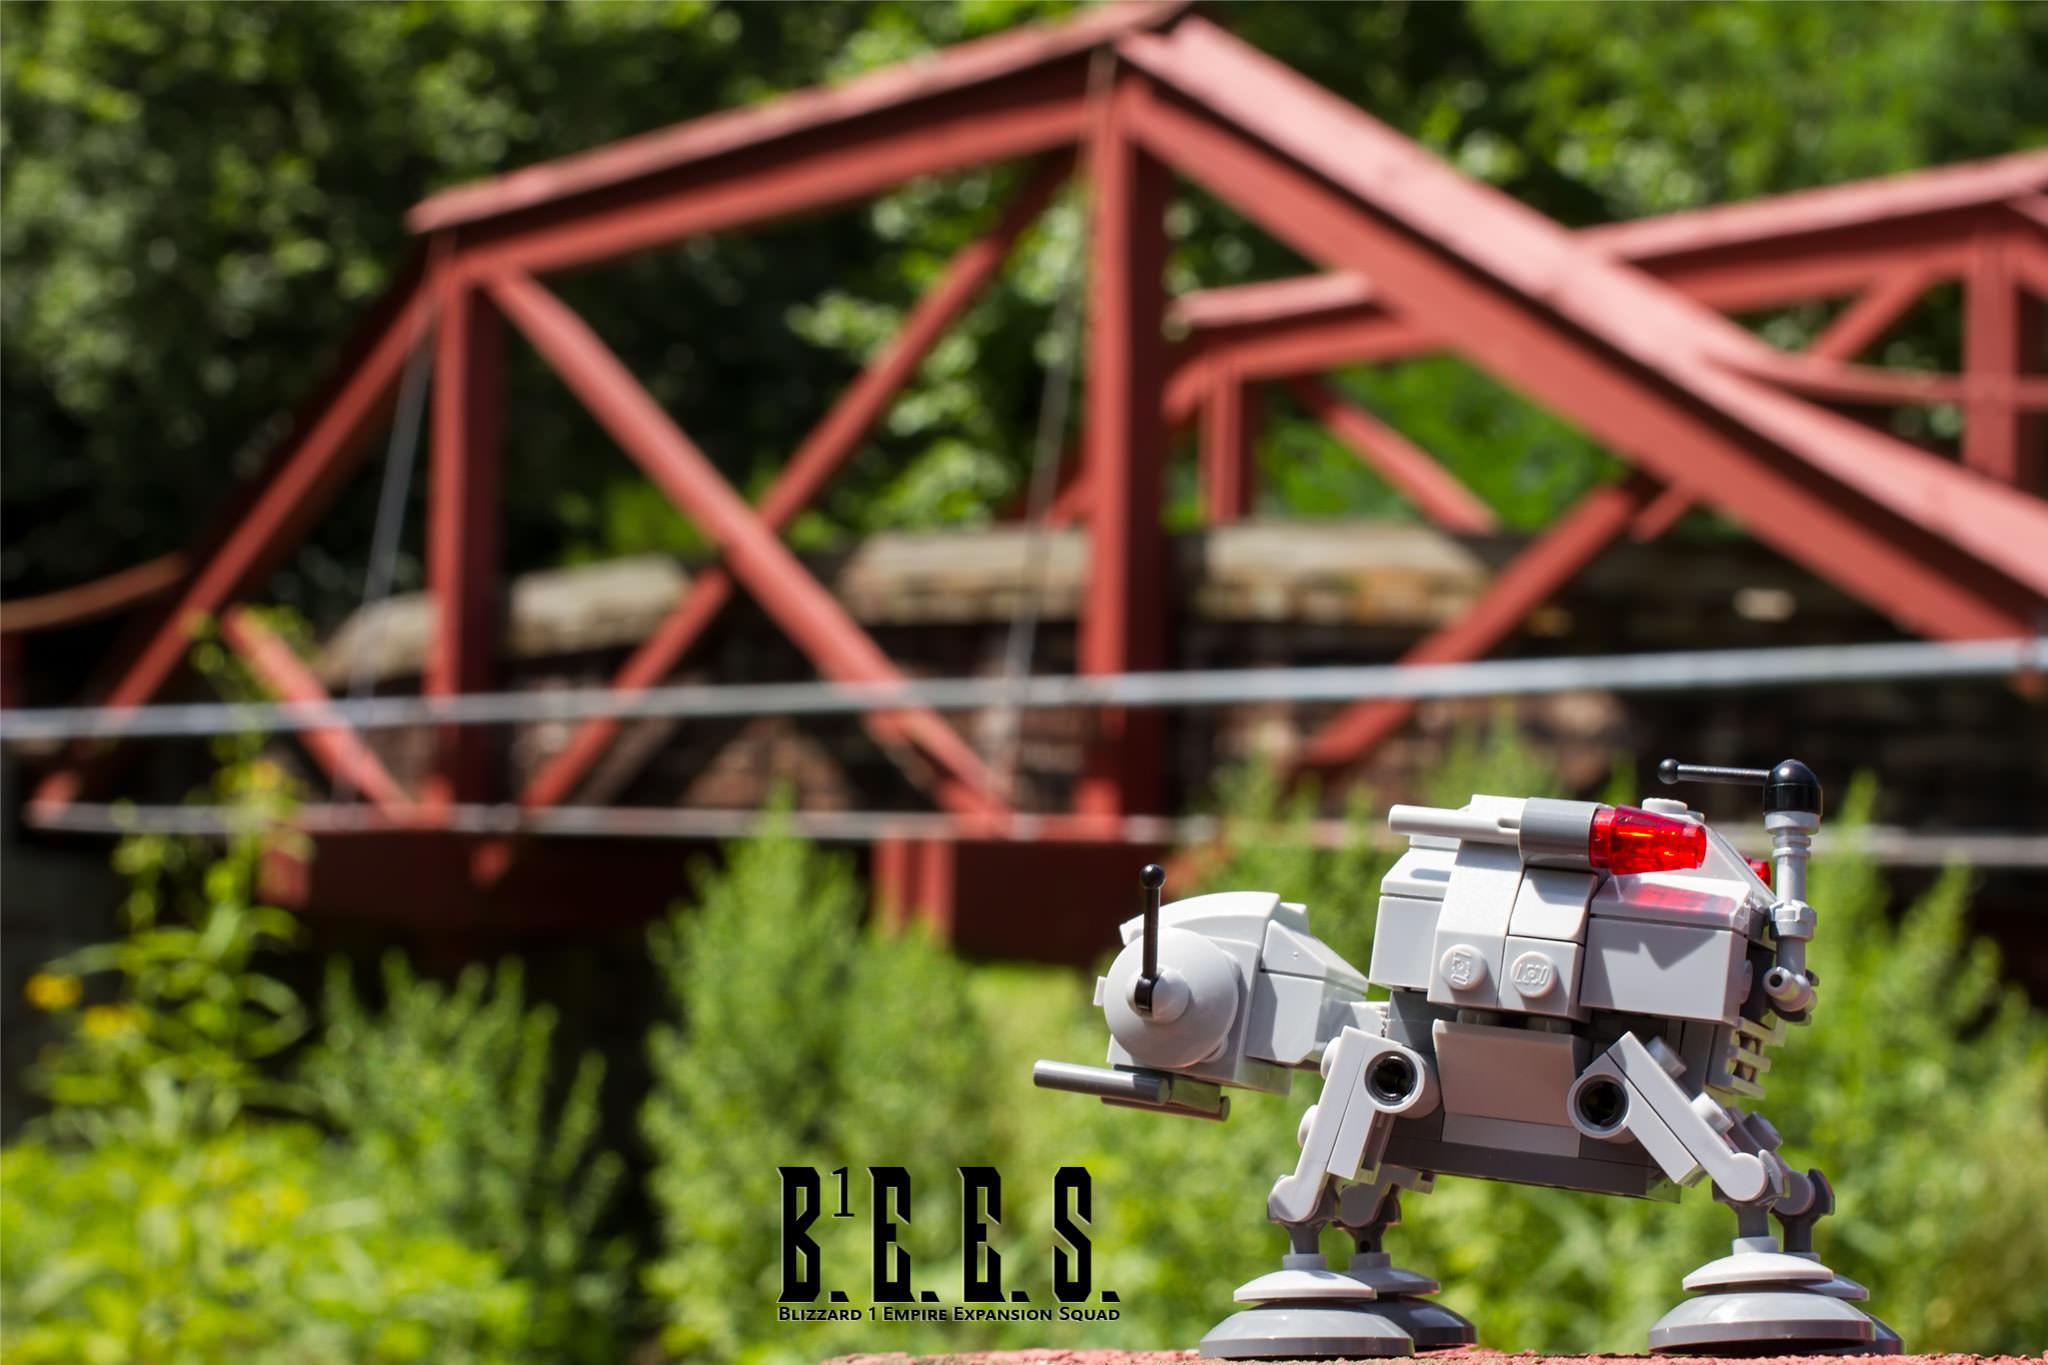 B1.E.E.S. - The Bridge